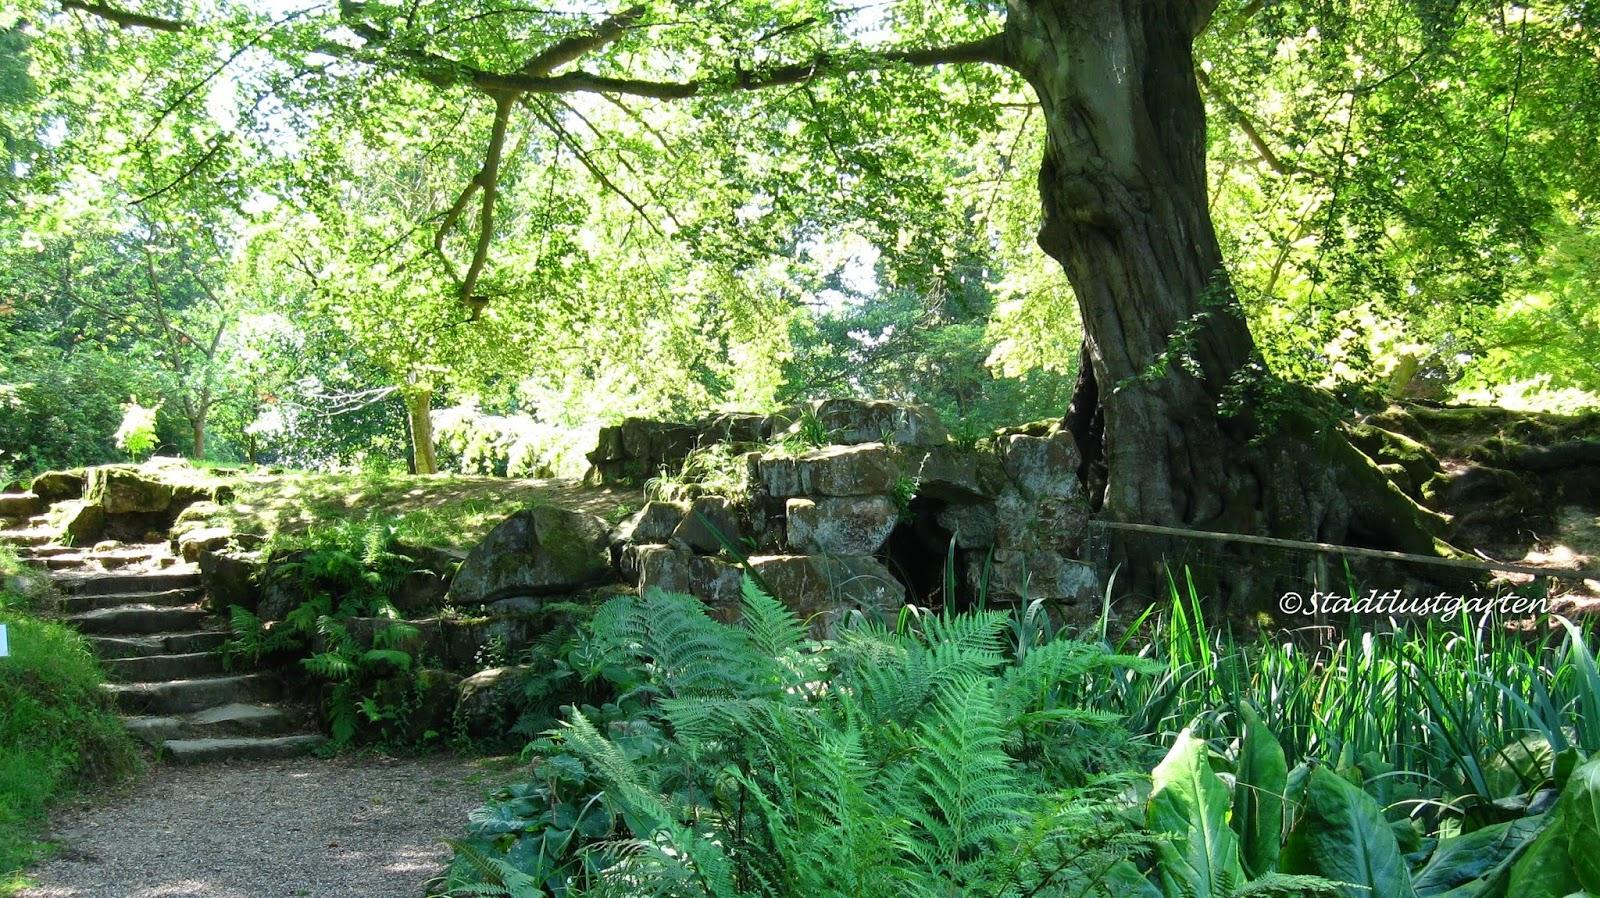 stadtlustgarten: englische gärten - hever castle and gardens / kent, Garten Ideen